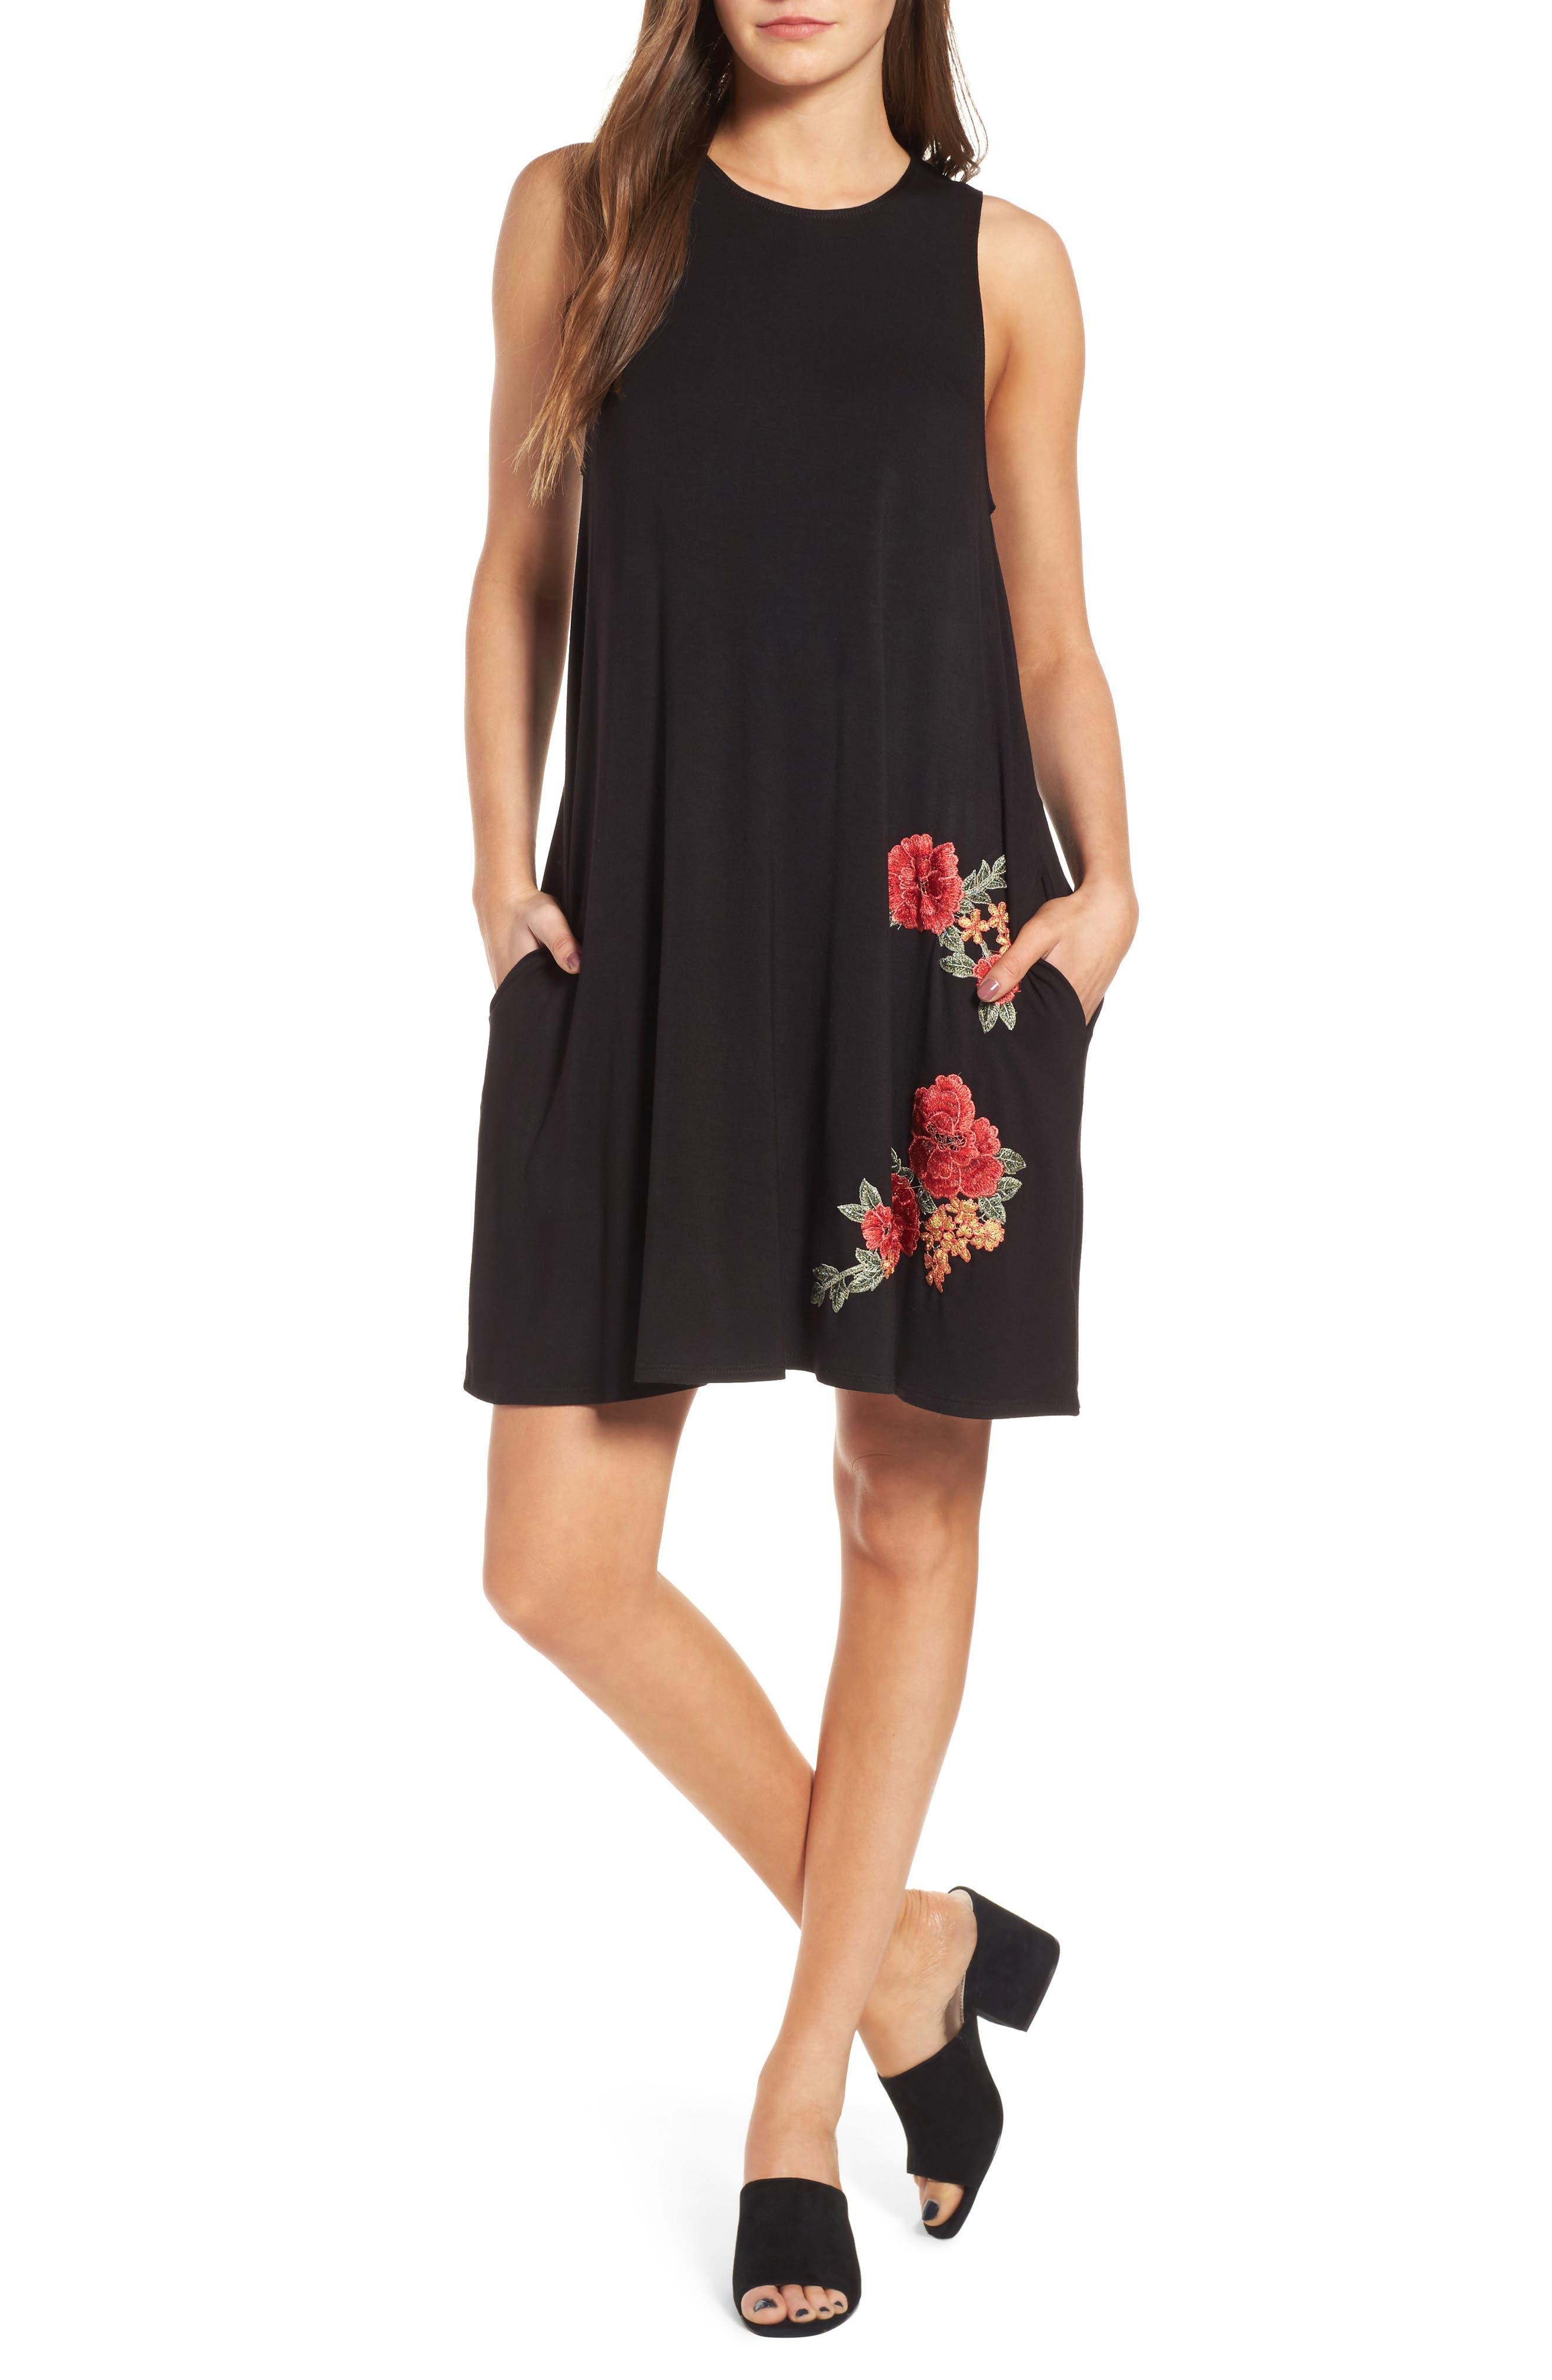 Main Image - Socialite Floral Appliqué Tank Dress